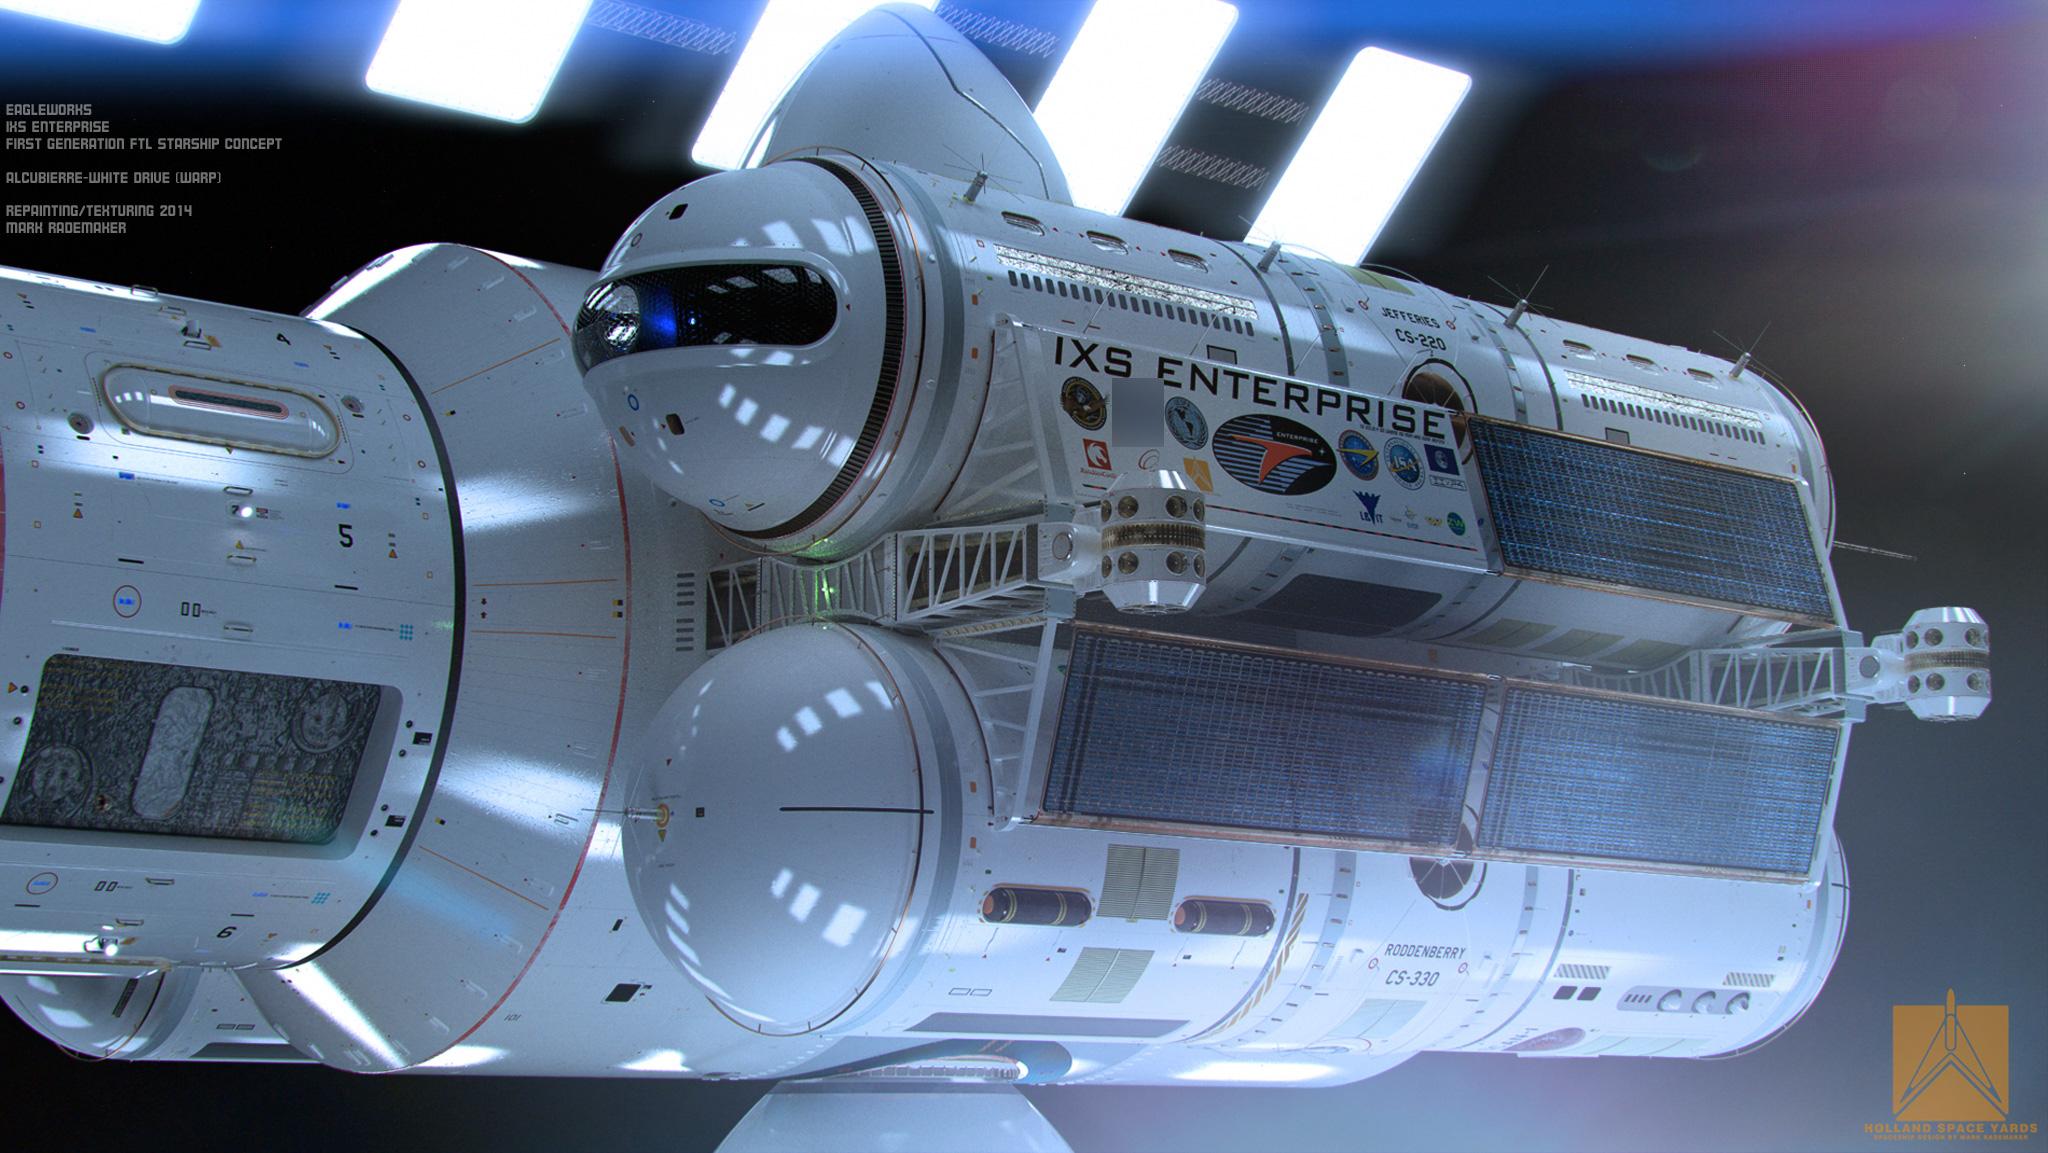 nasa future spaceship - HD2048×1153